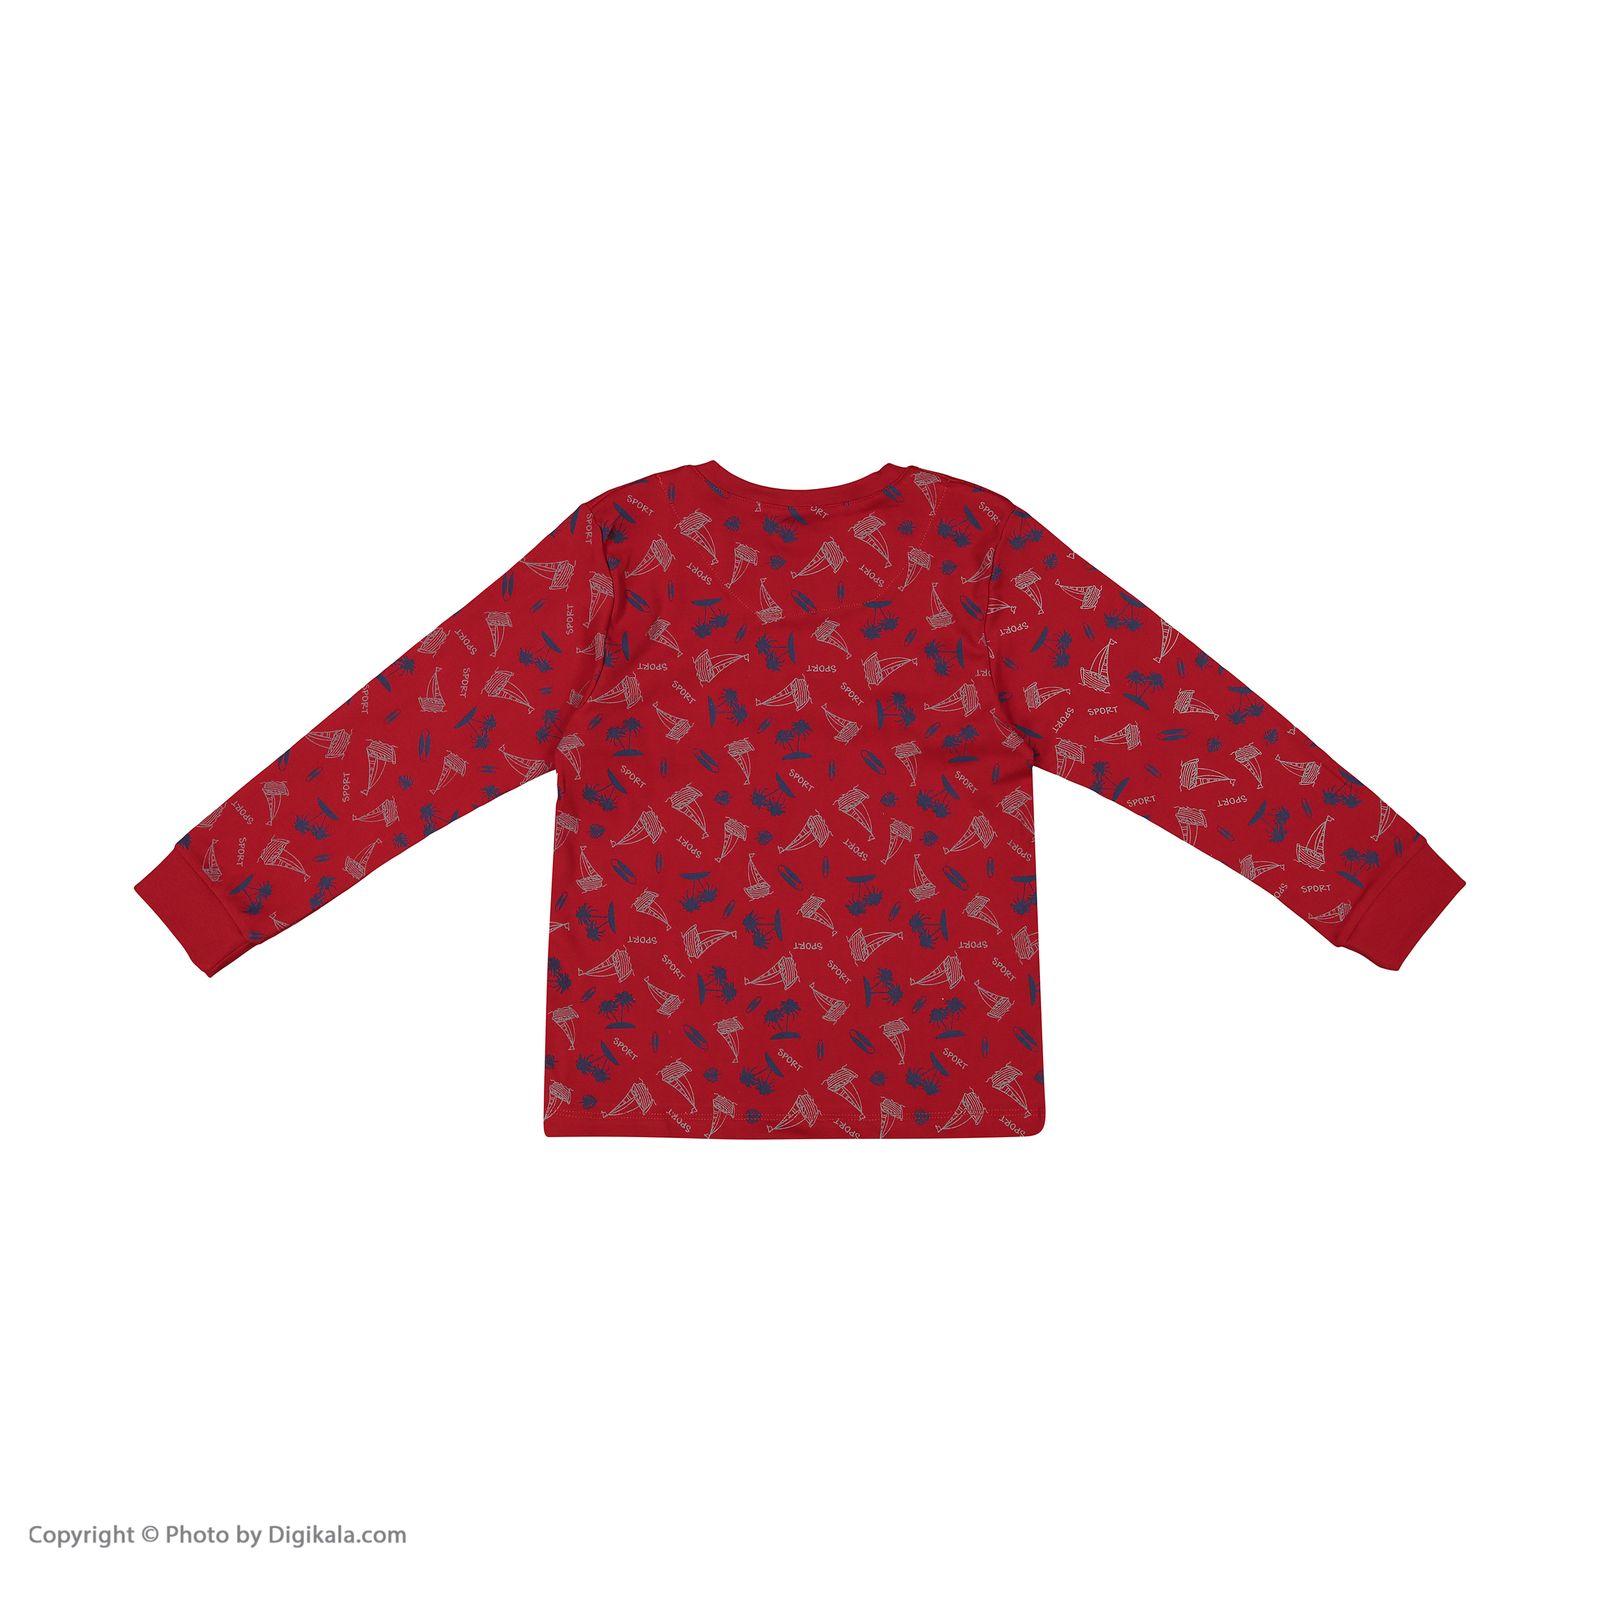 ست تی شرت و شلوار پسرانه مادر مدل 306-72 main 1 3